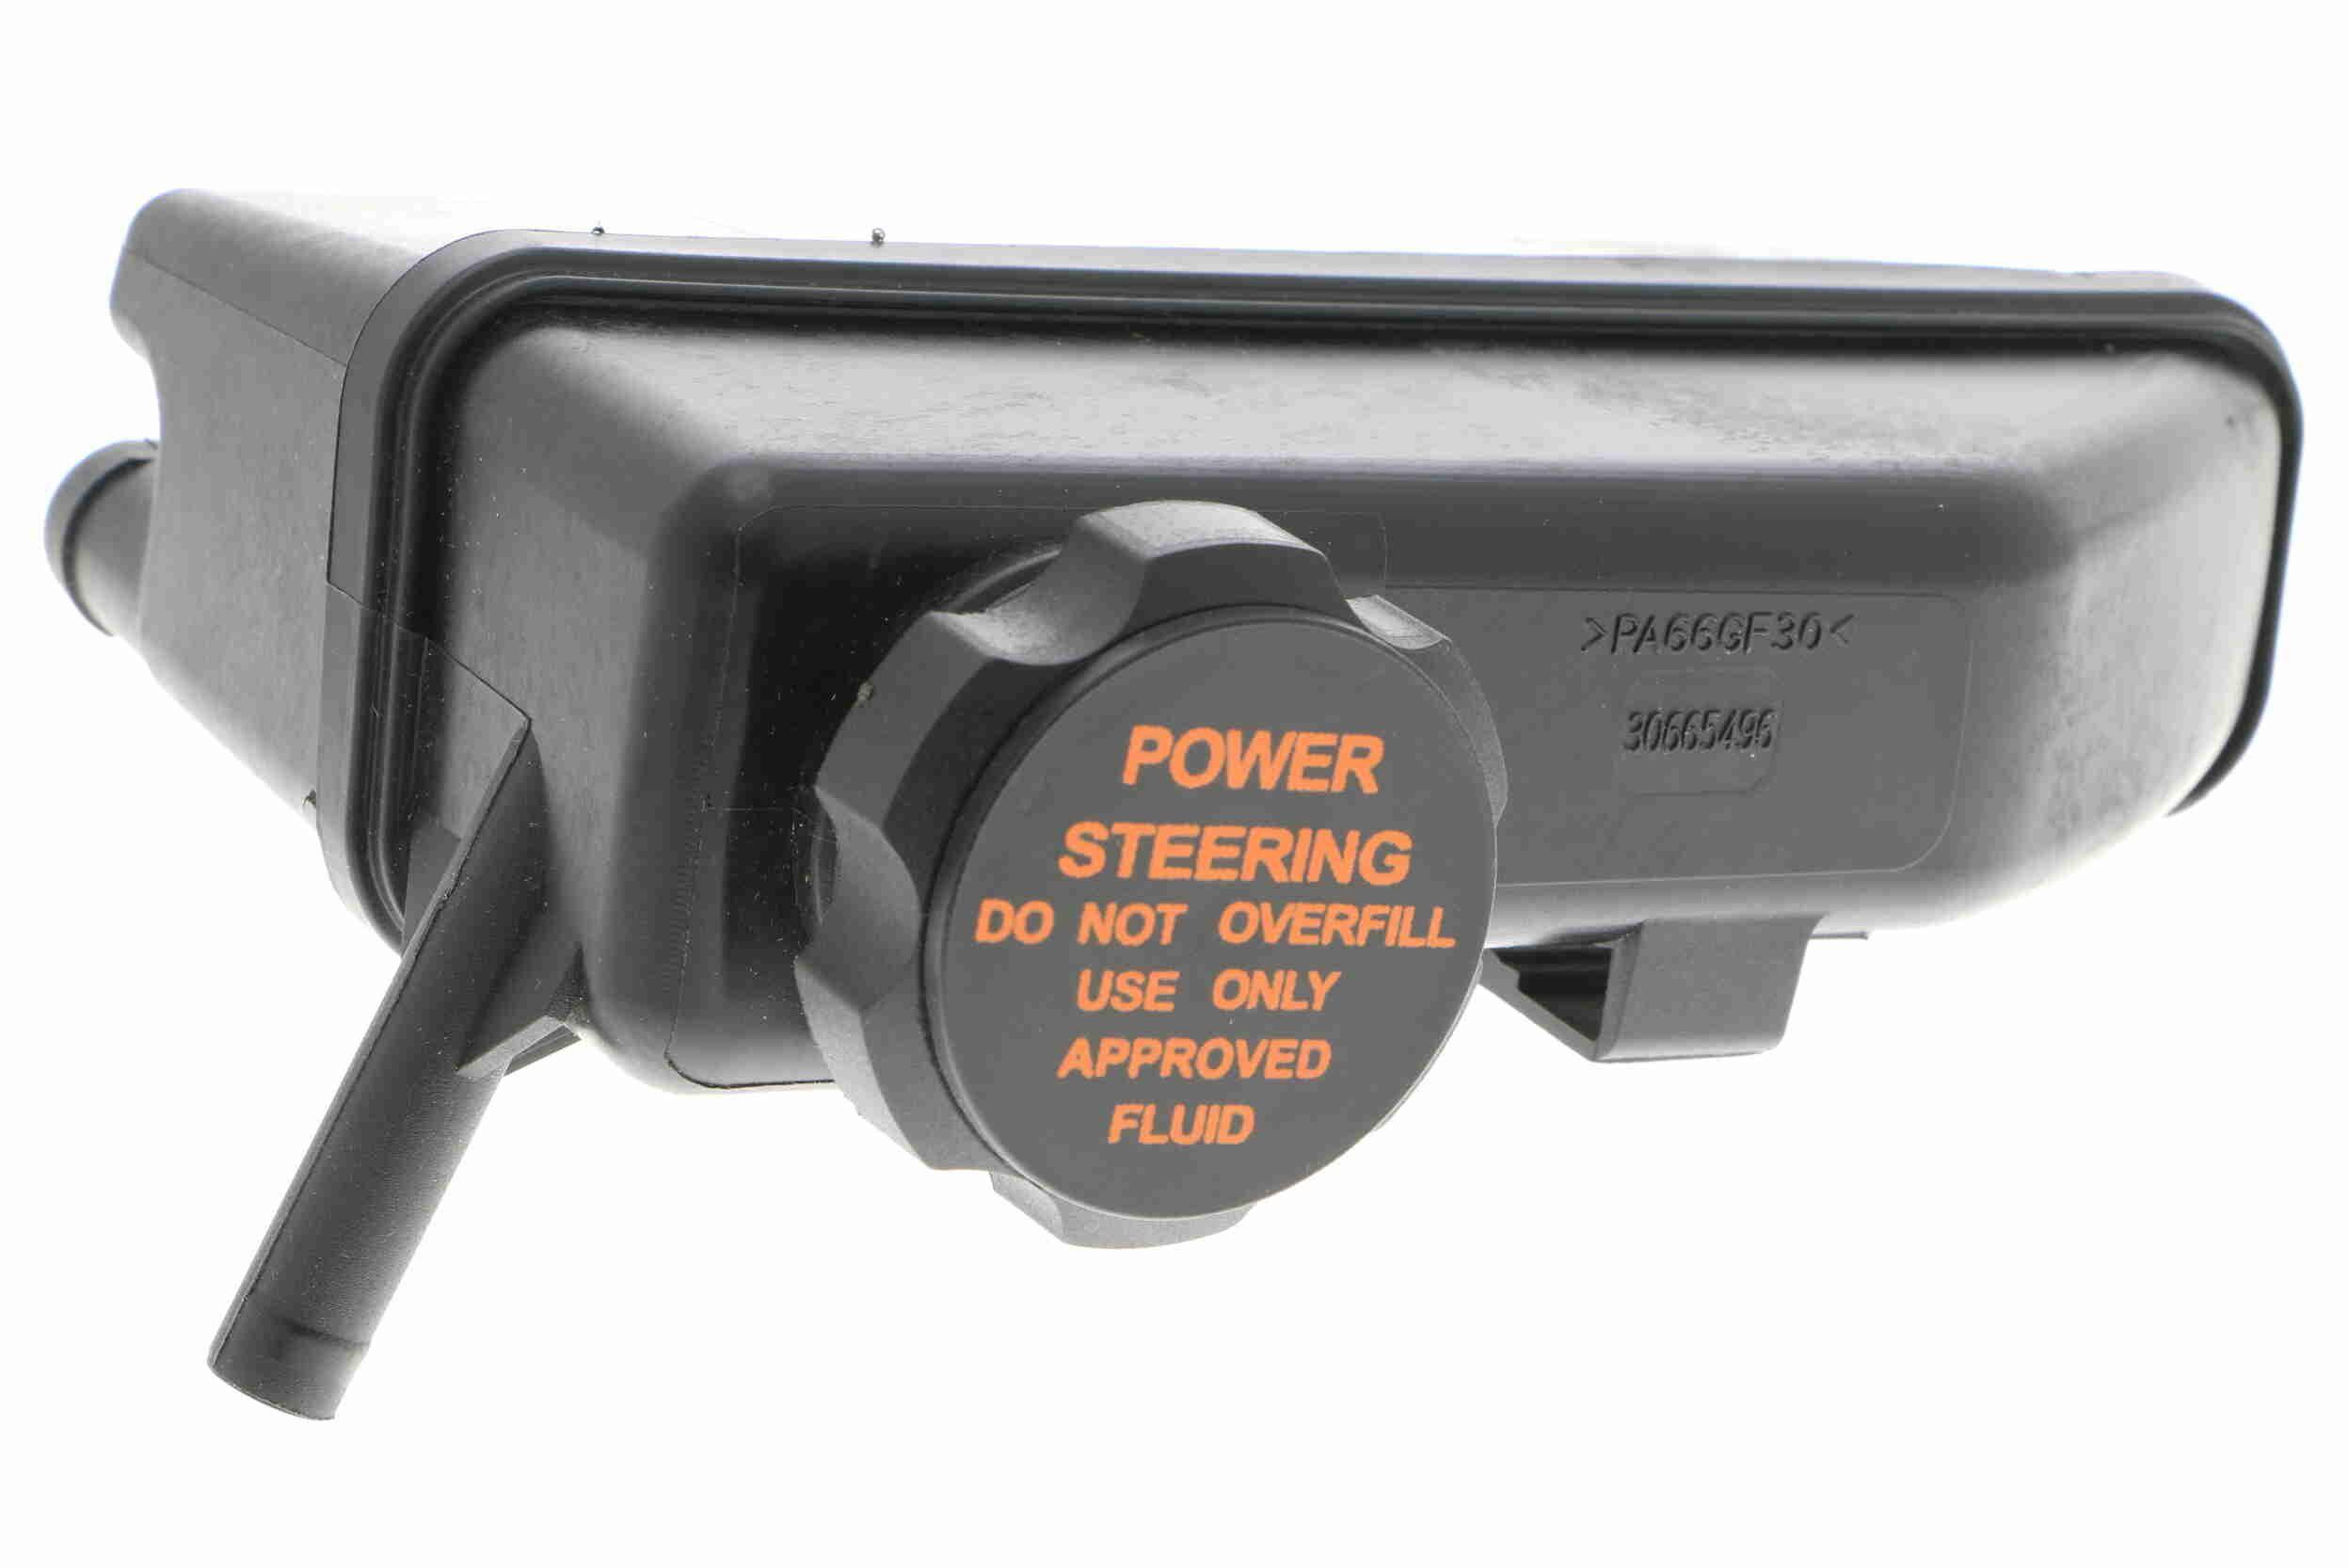 Expansionskärl, hydraulolja servostyrning V95-0334 köp - Dygnet runt!